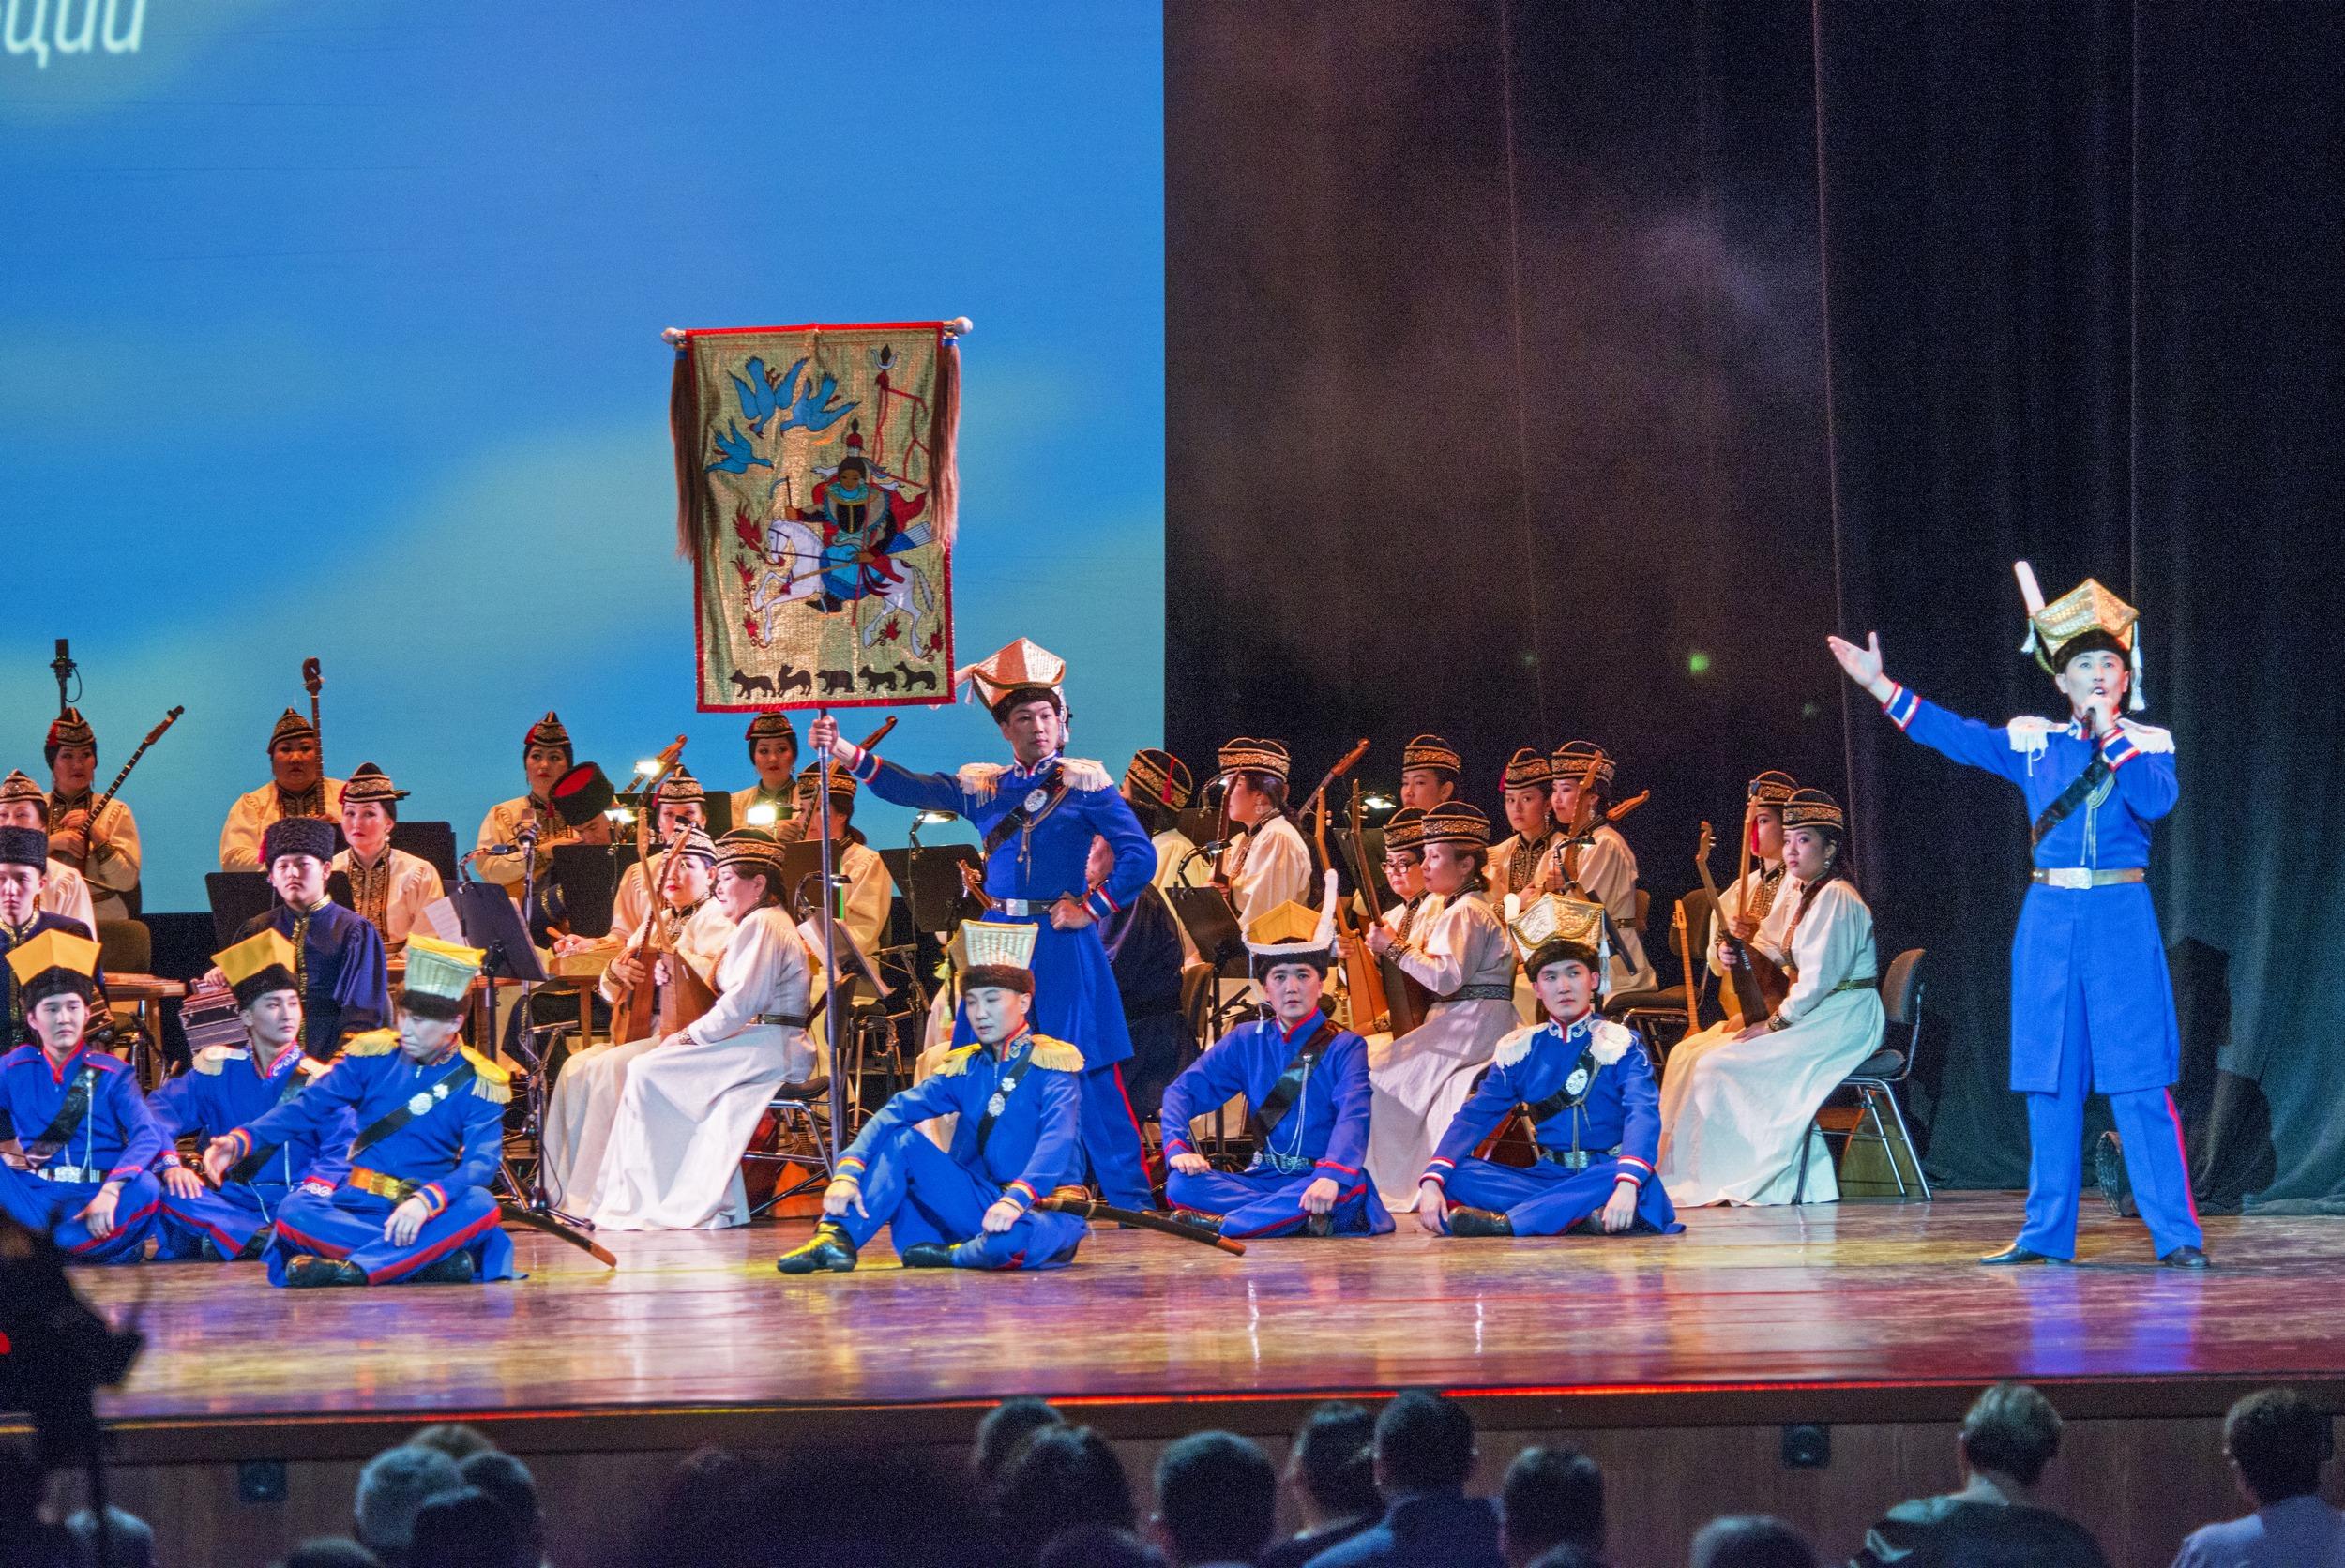 В Москве прошел концерт, посвященный 100-летию автономии Калмыкии